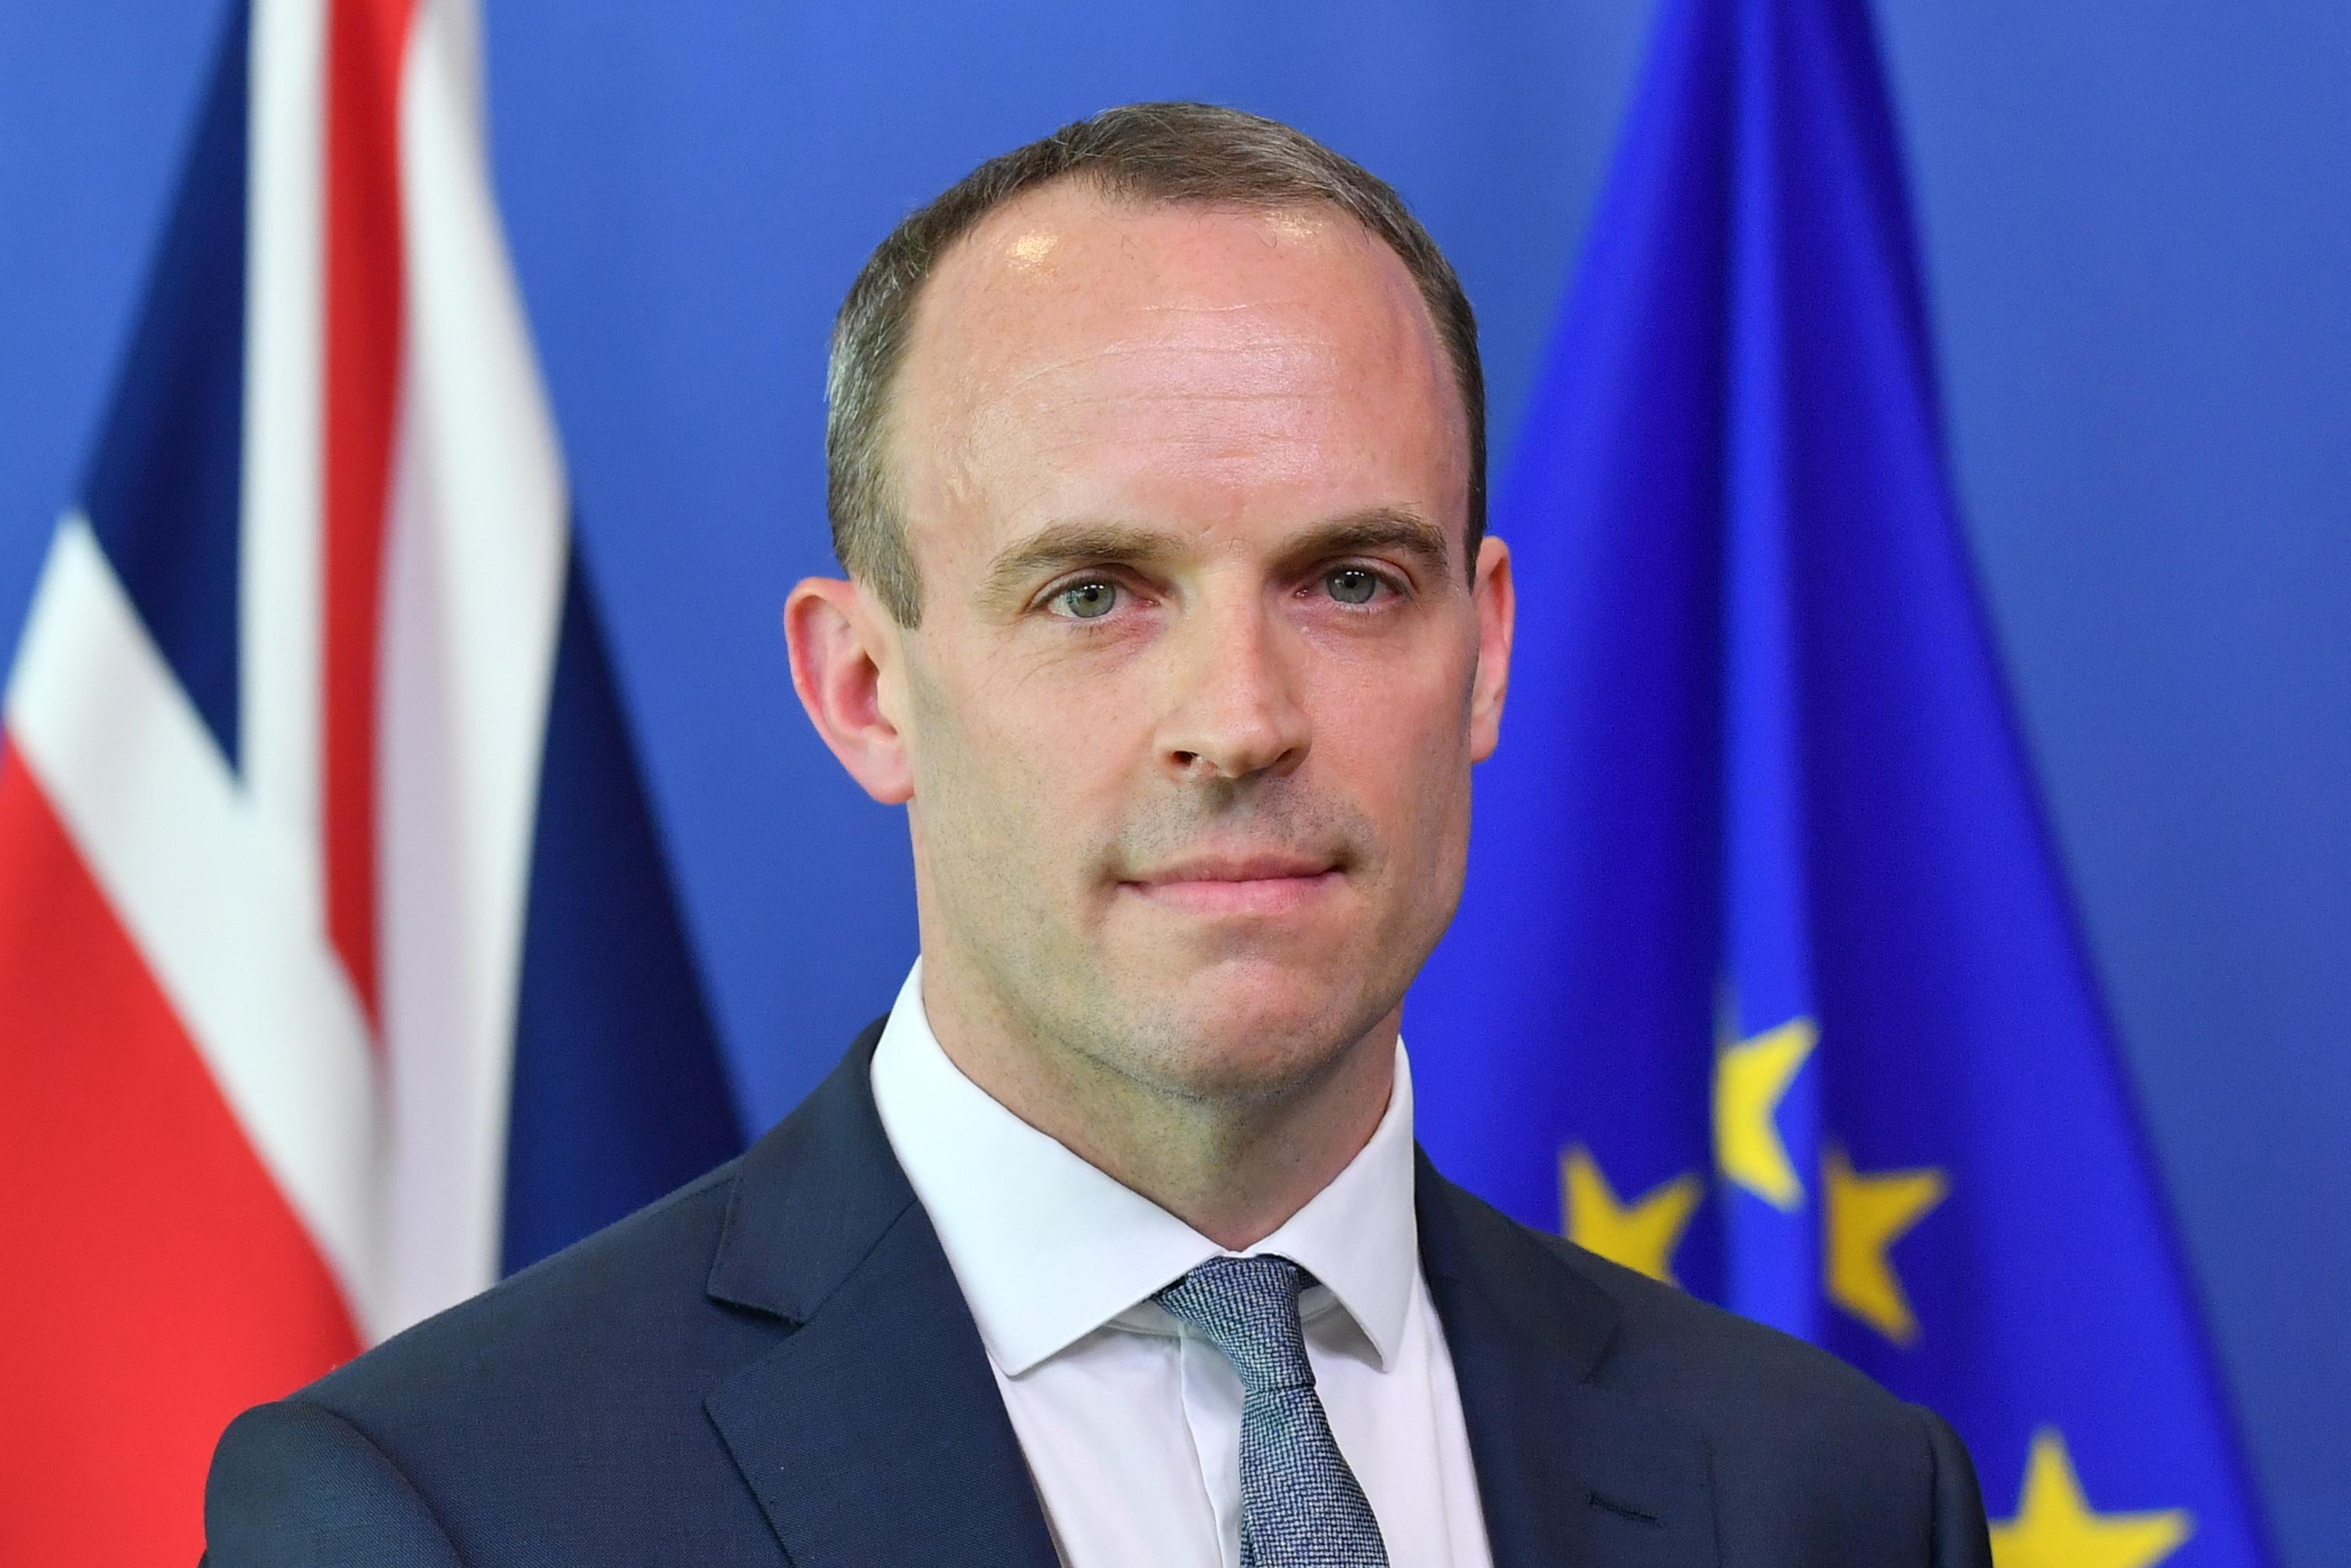 """وزير الخارجية البريطاني يحذر من الأسبوع الأخير للمفاوضات التجارية قبل """"البريكست"""""""